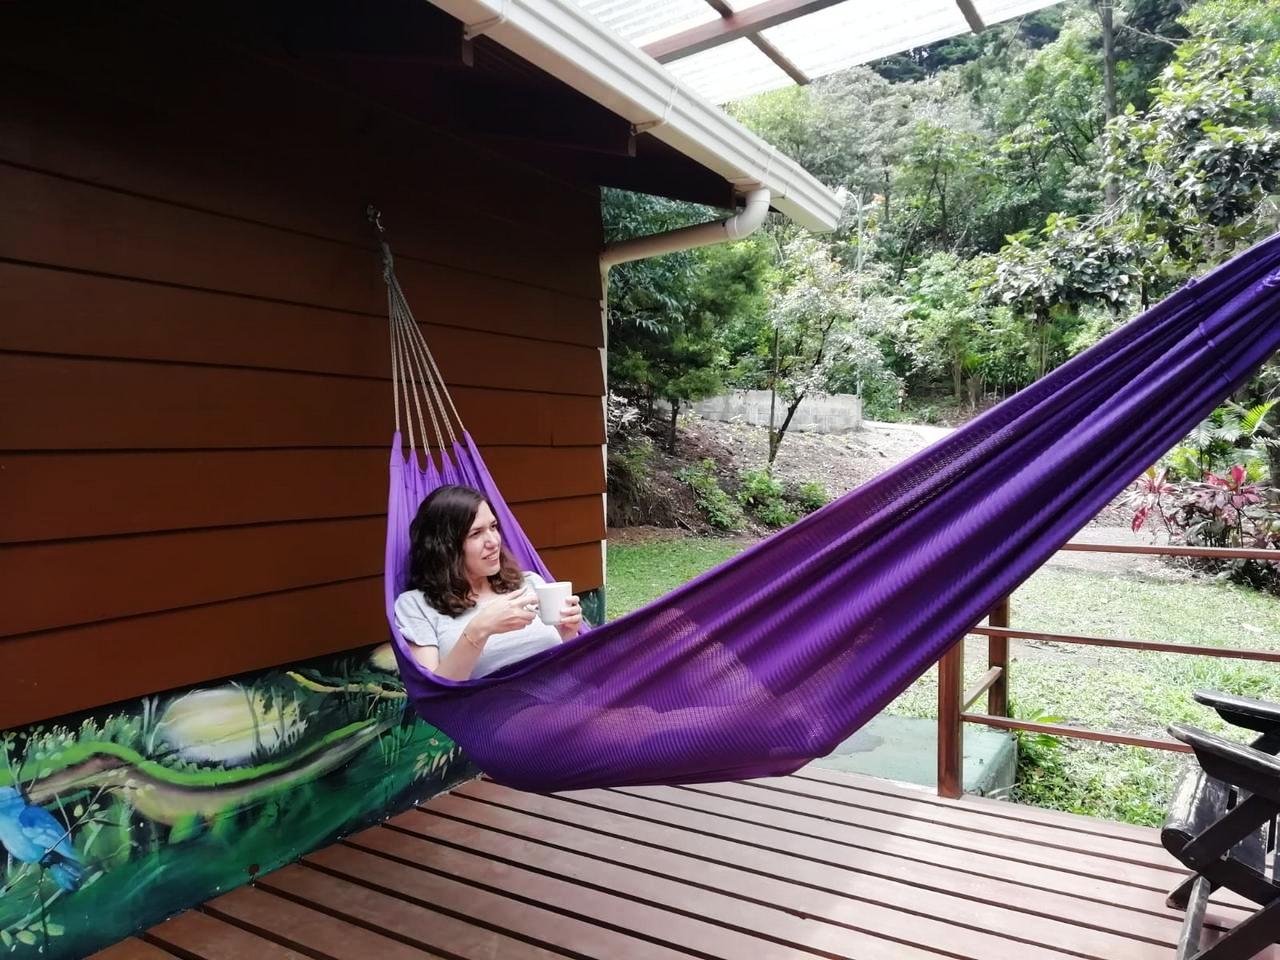 Dormir en una cabaña de madera fue súper reponedor.